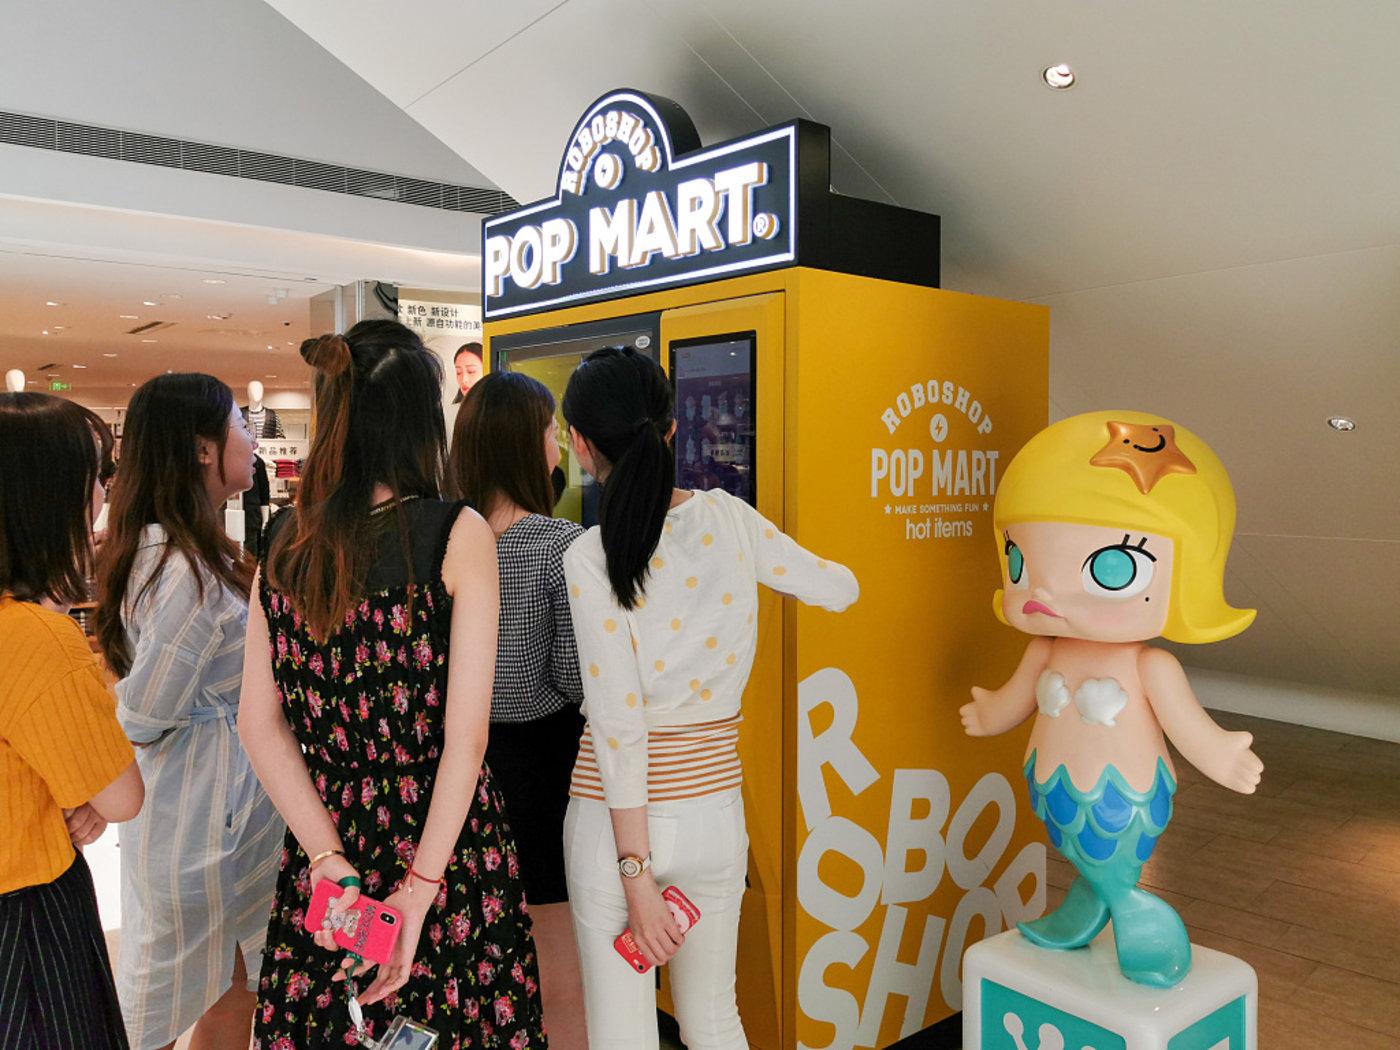 泡泡玛特线下机器人商店 图片来源@视觉中国